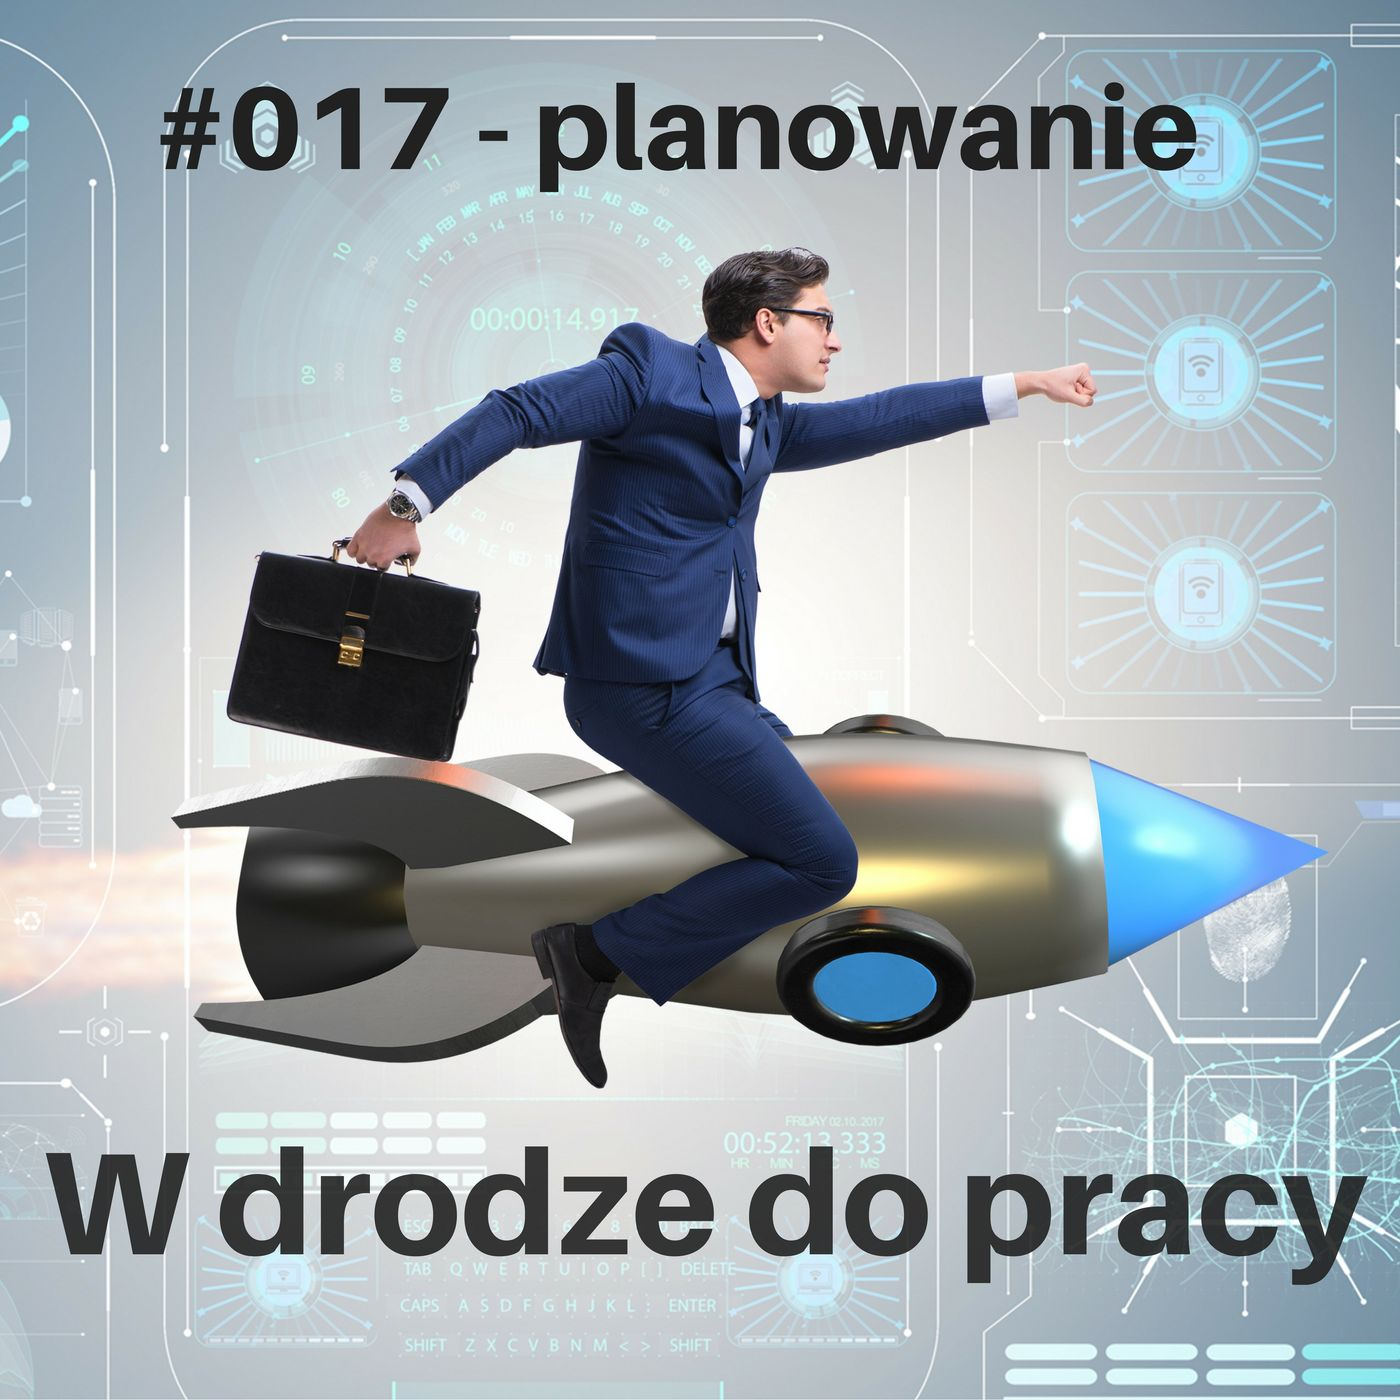 #017 - Planowanie, czyli jak sprawnie realizować swoje cele